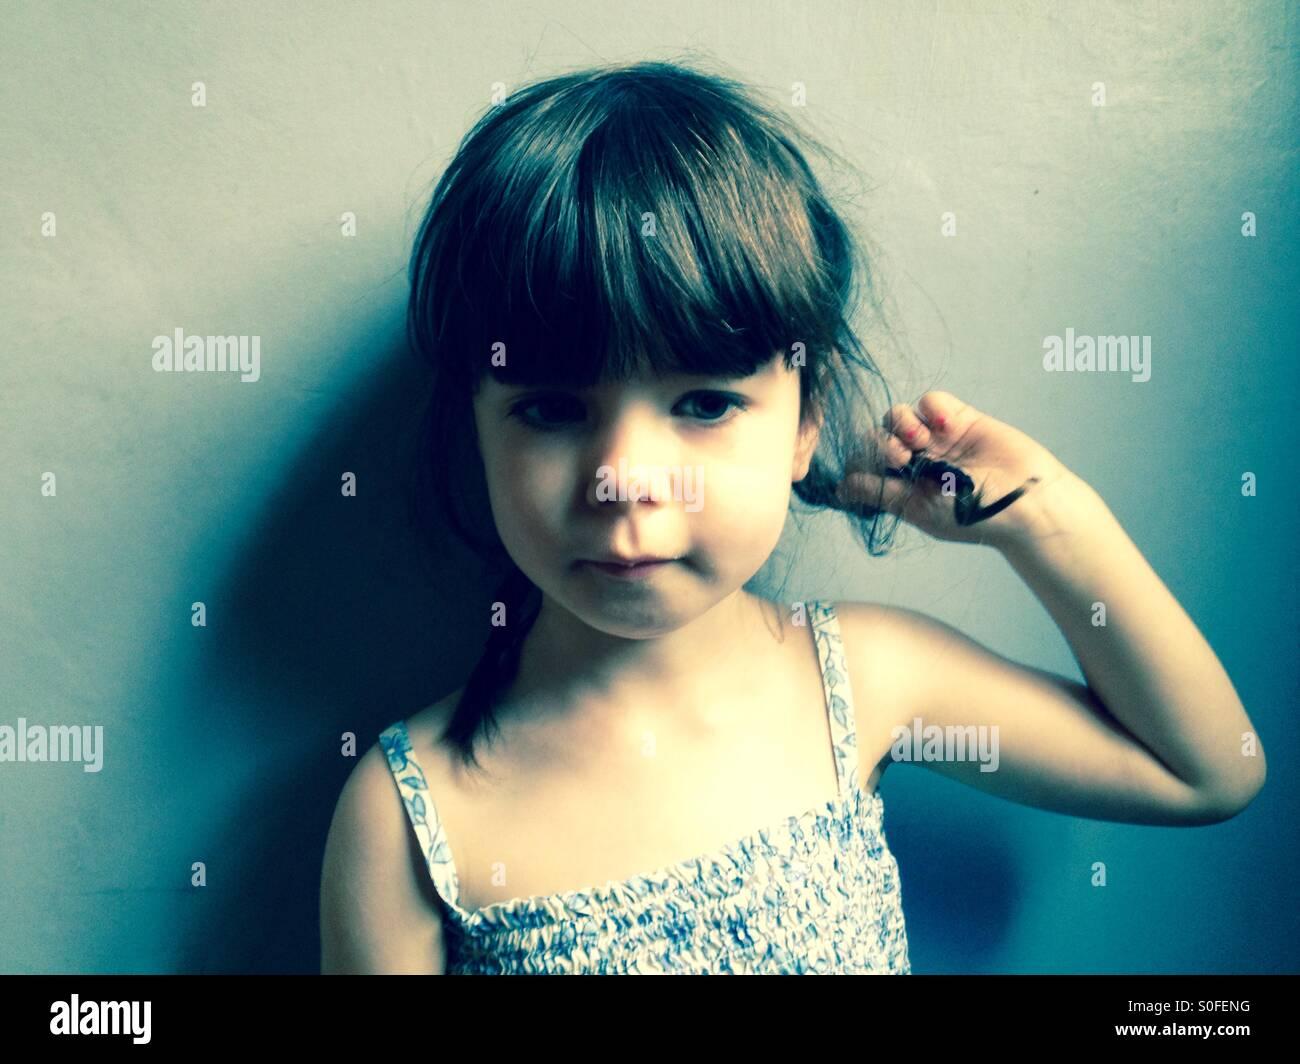 3 anno vecchia ragazza a giocare con i suoi capelli Immagini Stock